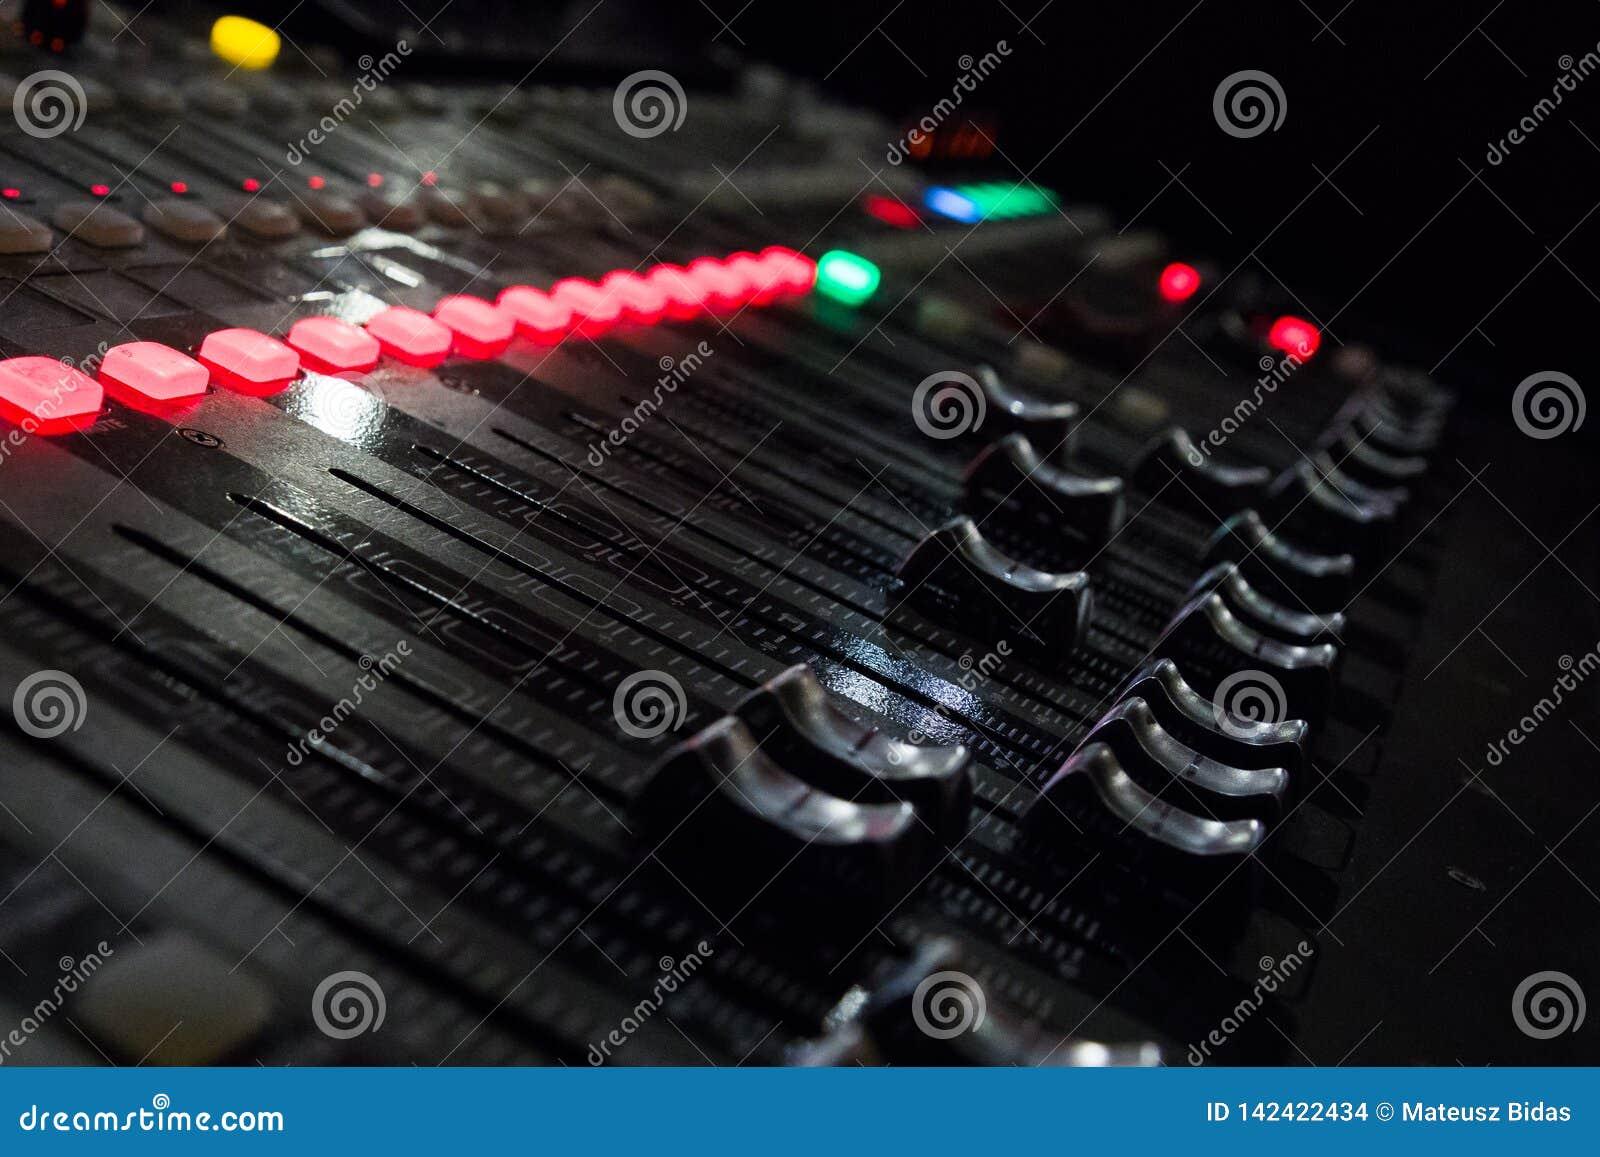 Um console da música com muitos botões e slideres